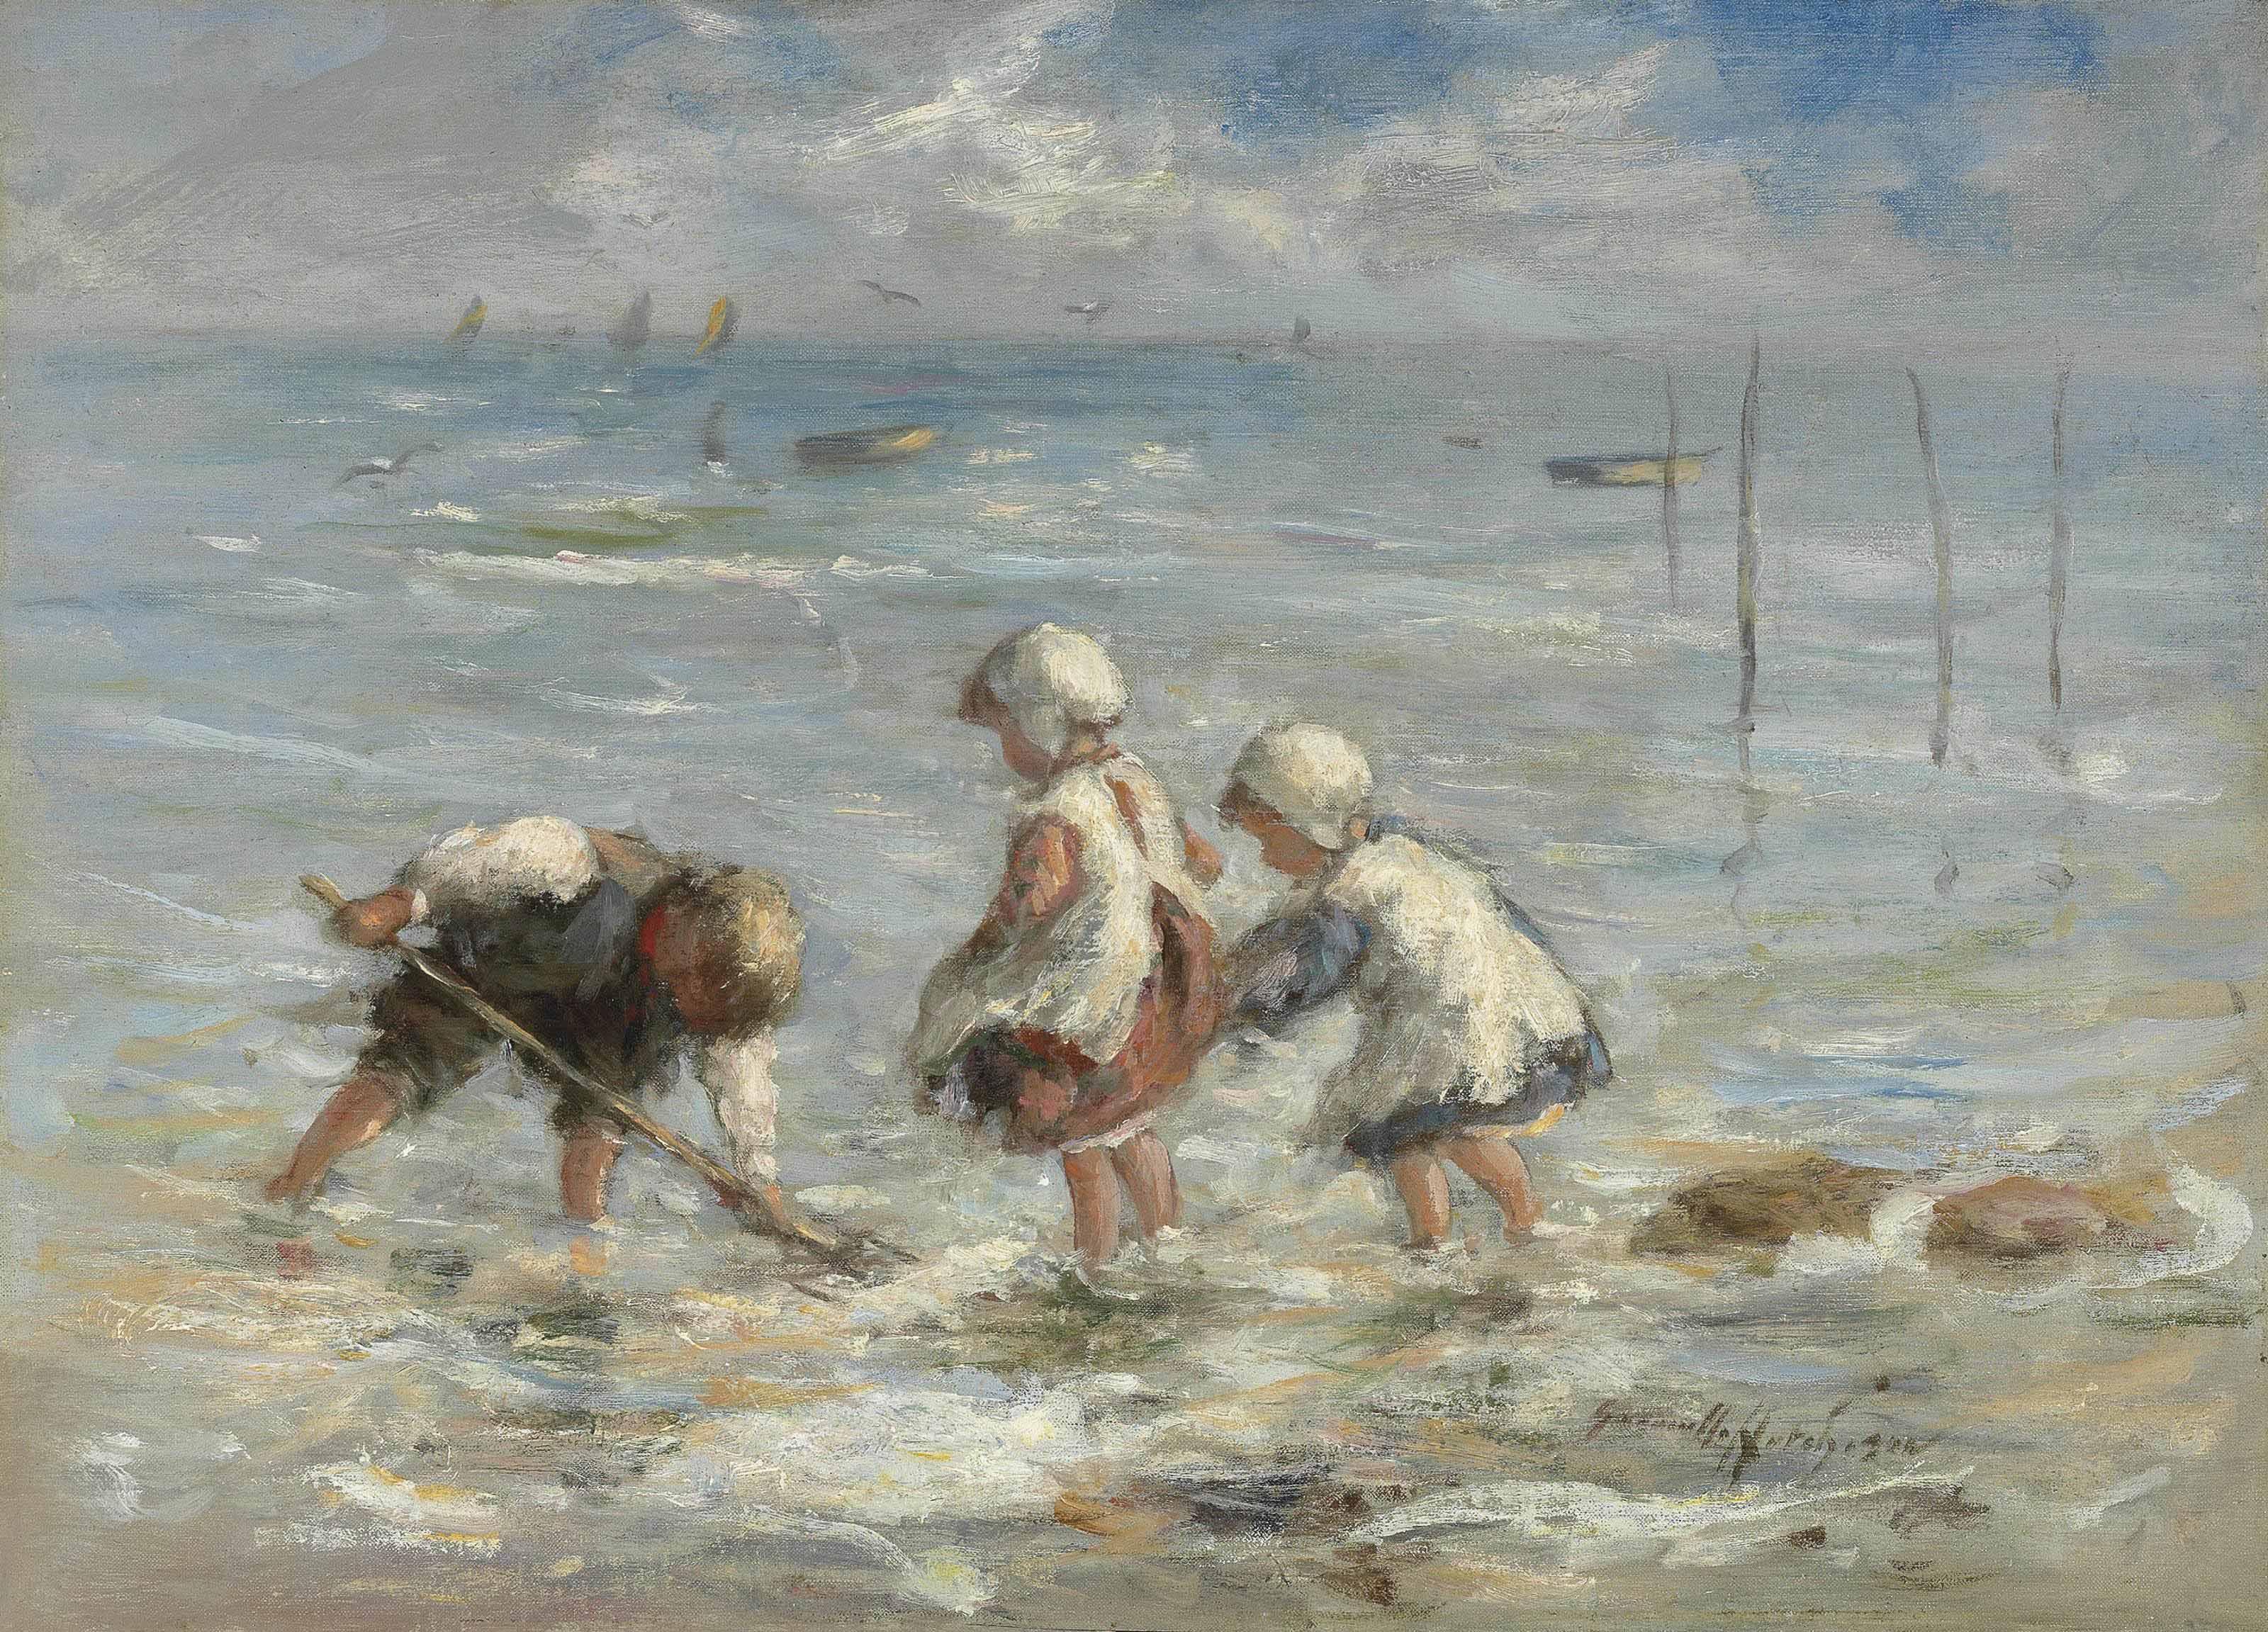 Robert Gemmell Hutchison, R.S.A., R.S.W. (1855-1936)